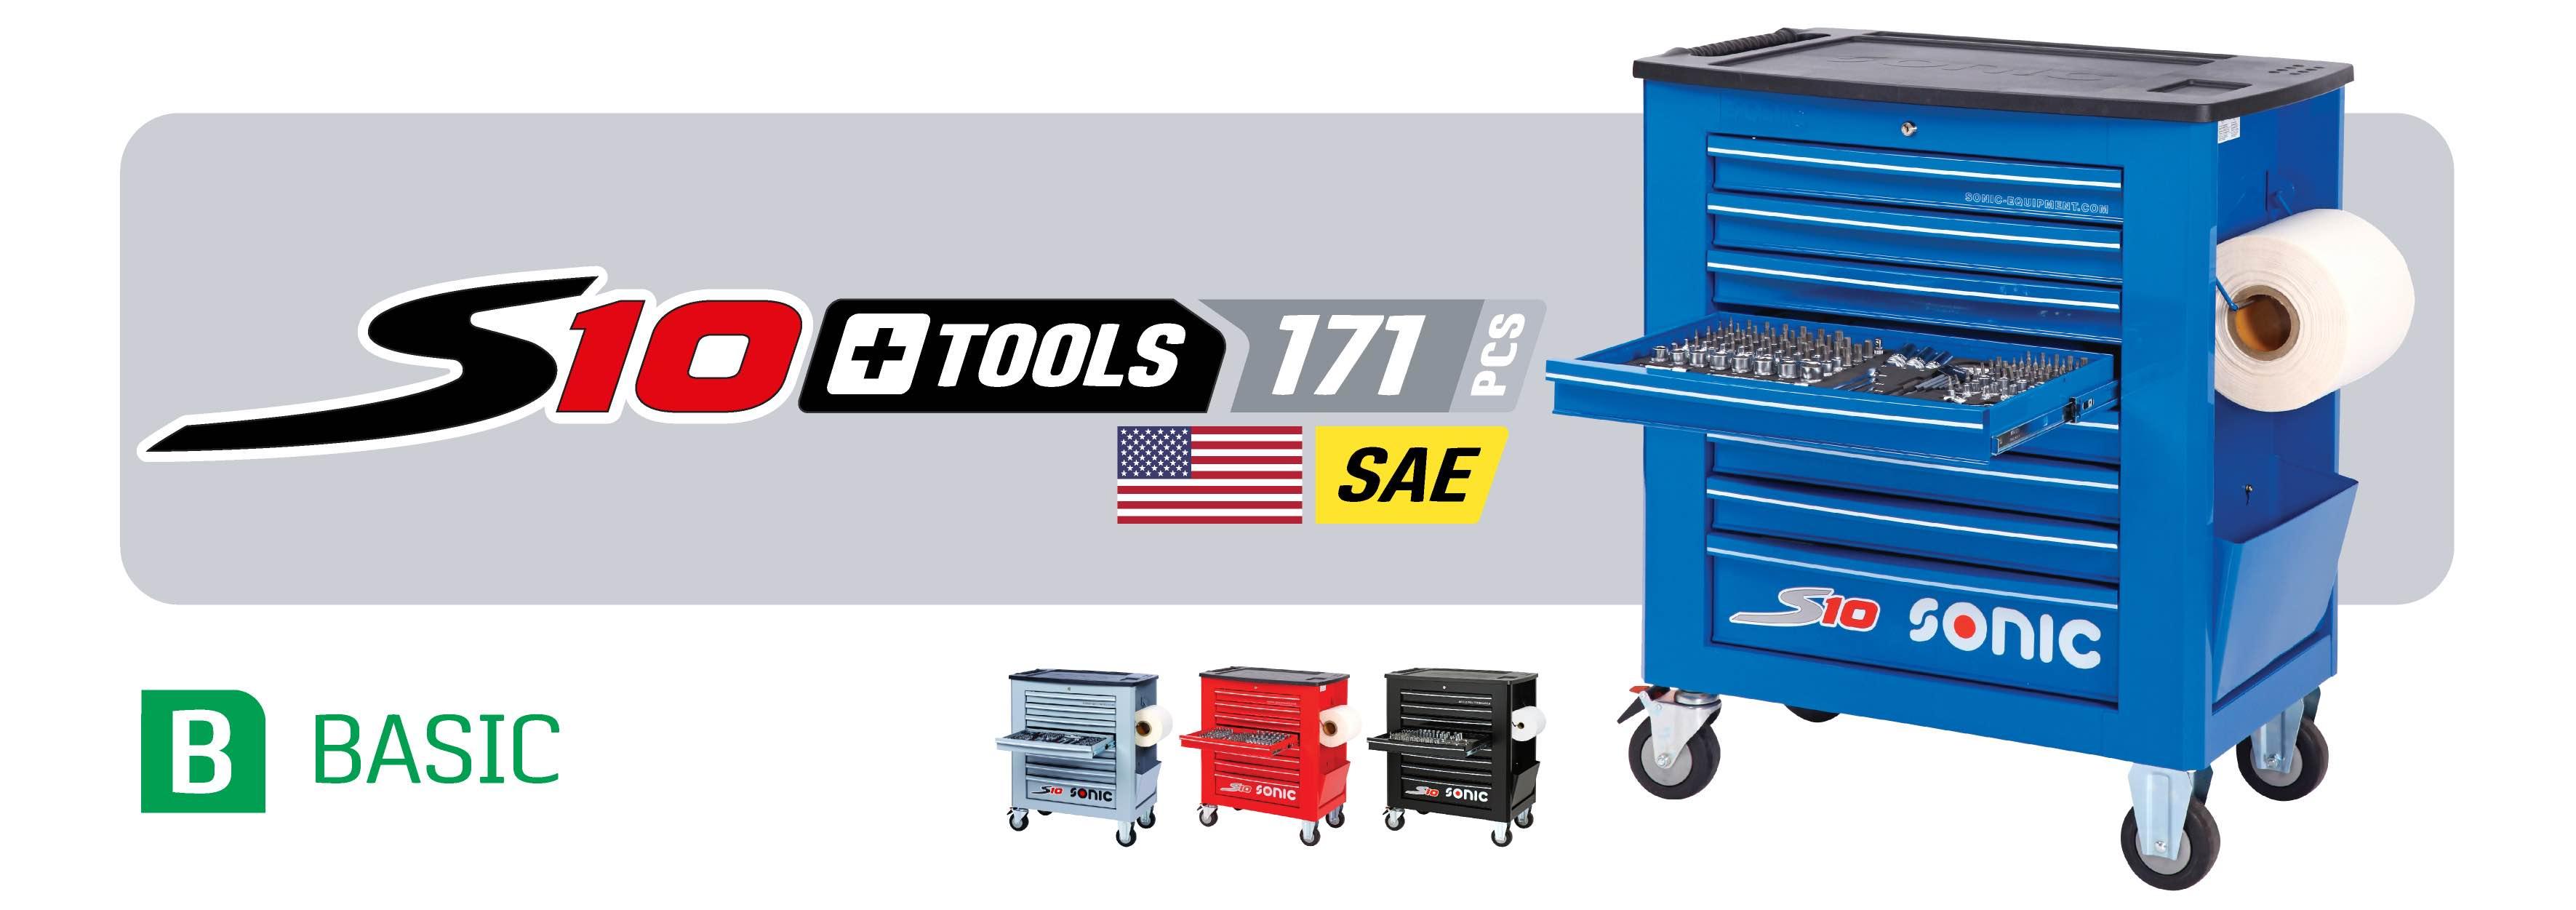 s10 plus tools 171 pieces